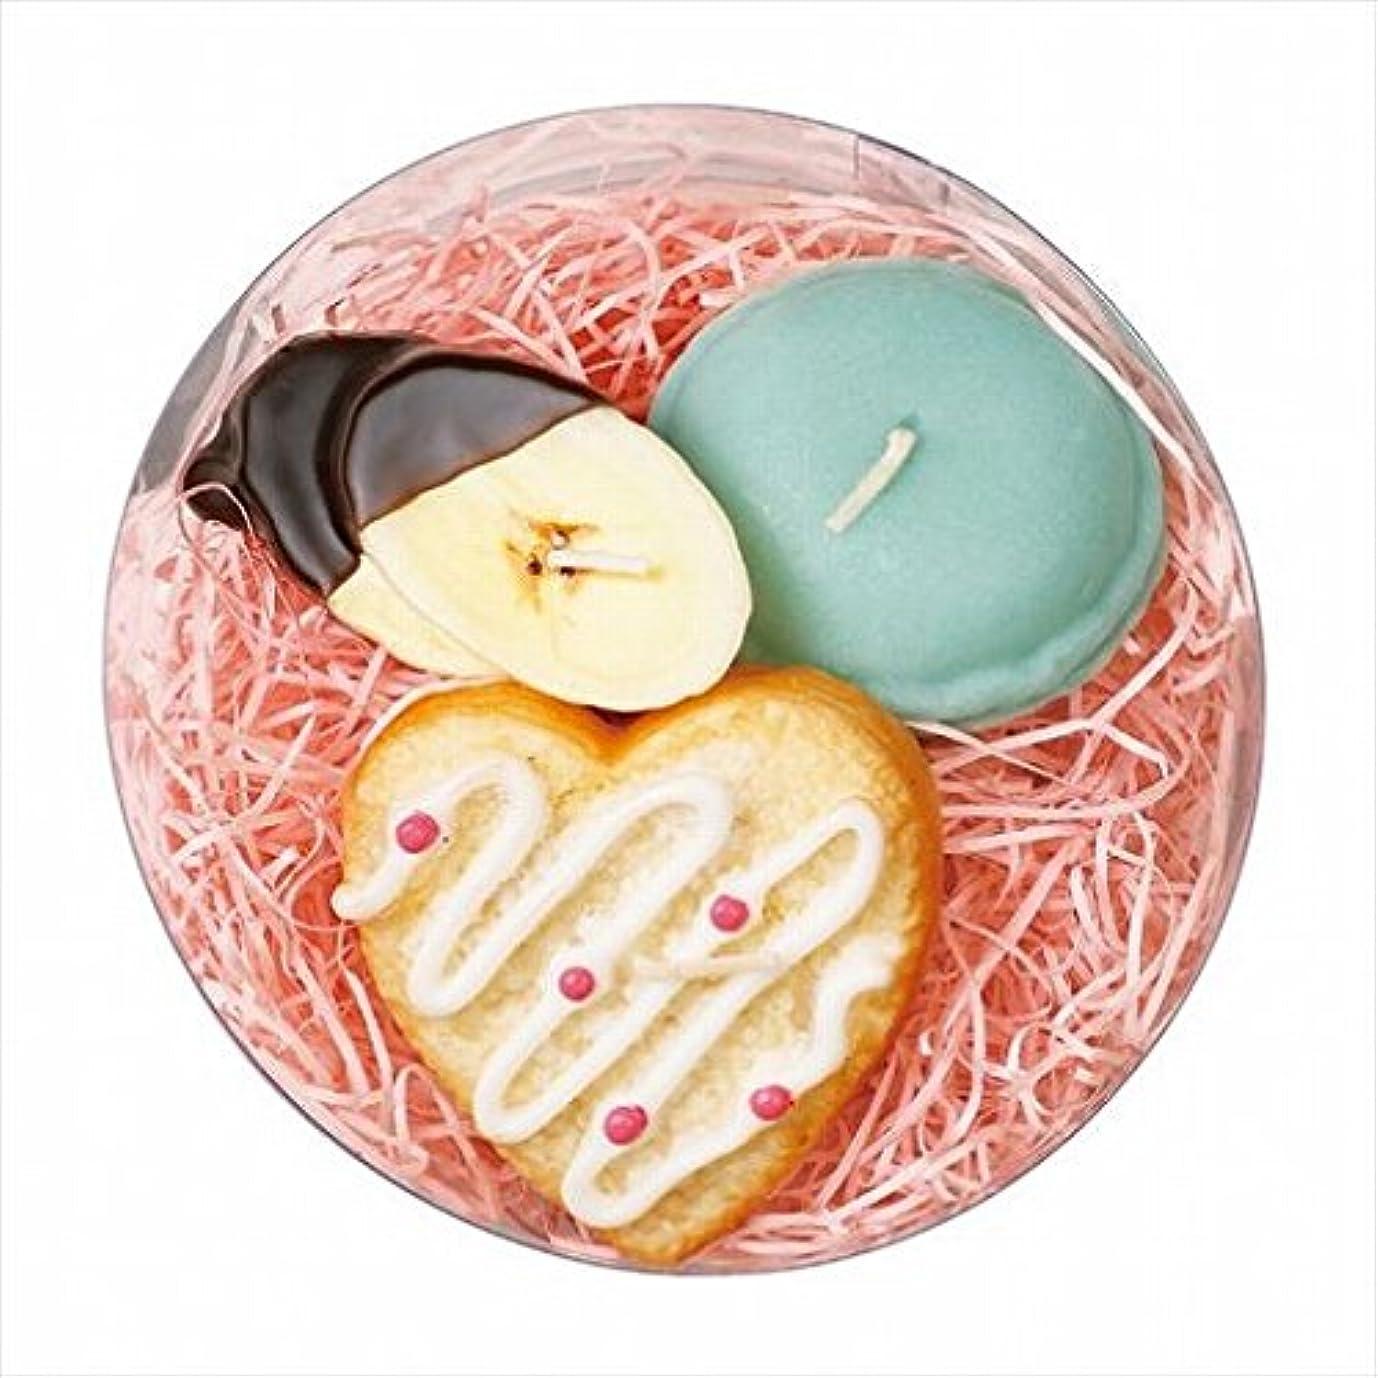 種類学習ランダムスイーツキャンドル( sweets candle ) プチスイーツキャンドルセット 「 シュガーハート 」 キャンドル